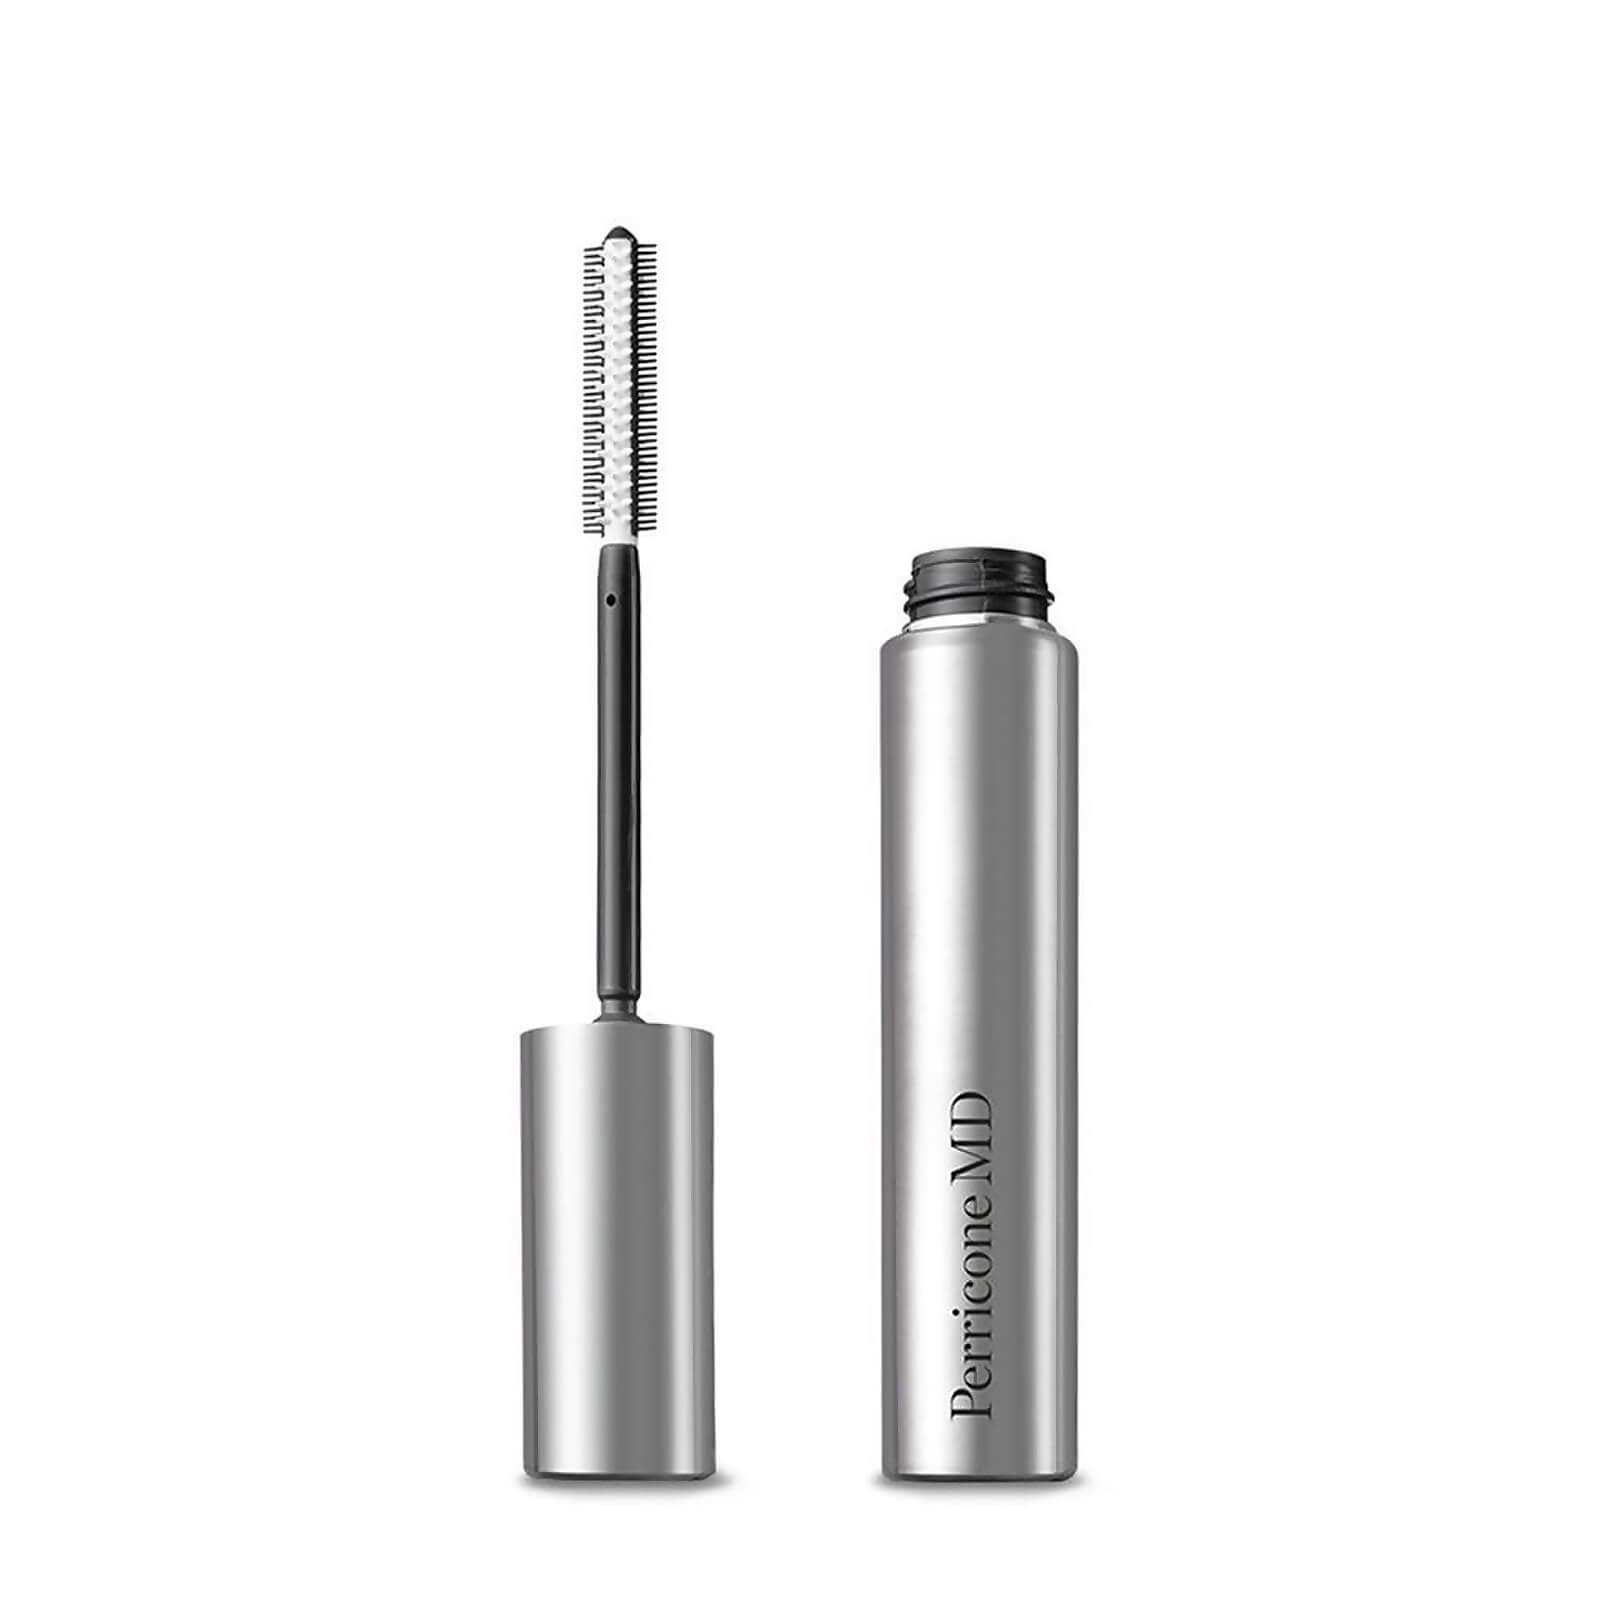 Купить Perricone MD No Makeup Skincare Mascara 0.28 oz